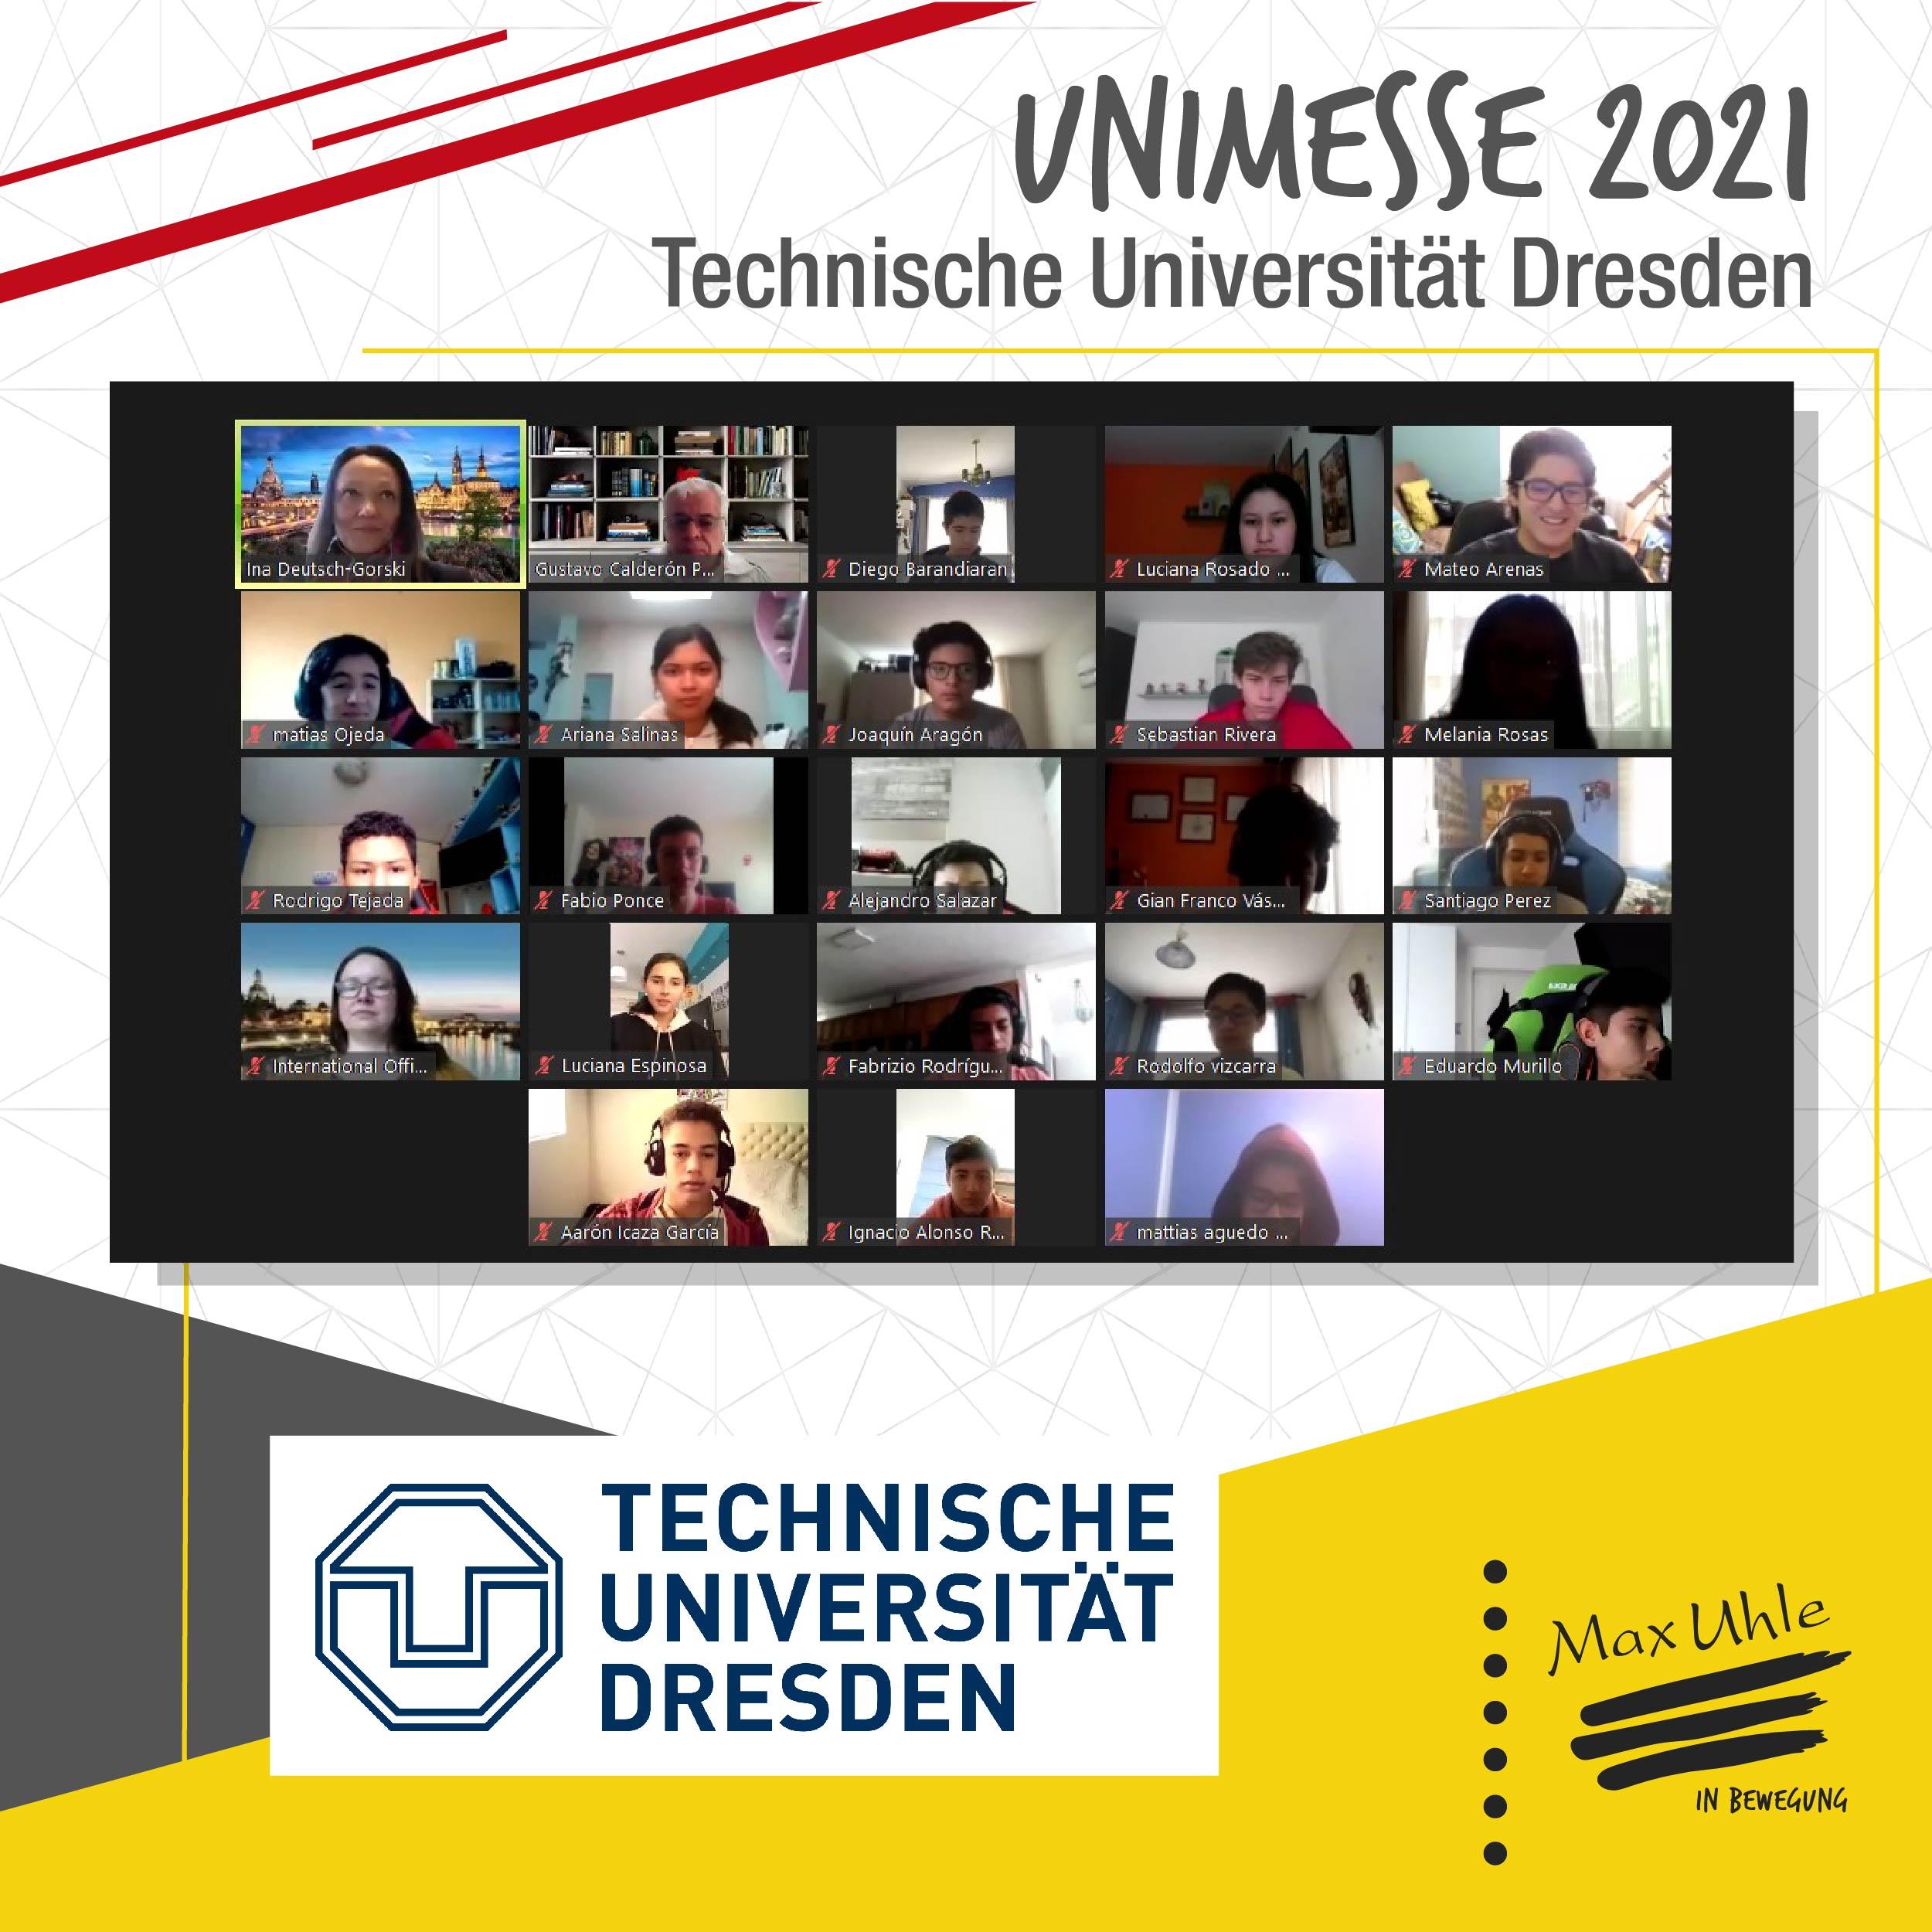 Dresden - Unimesse 2021 Colegio Max Uhle